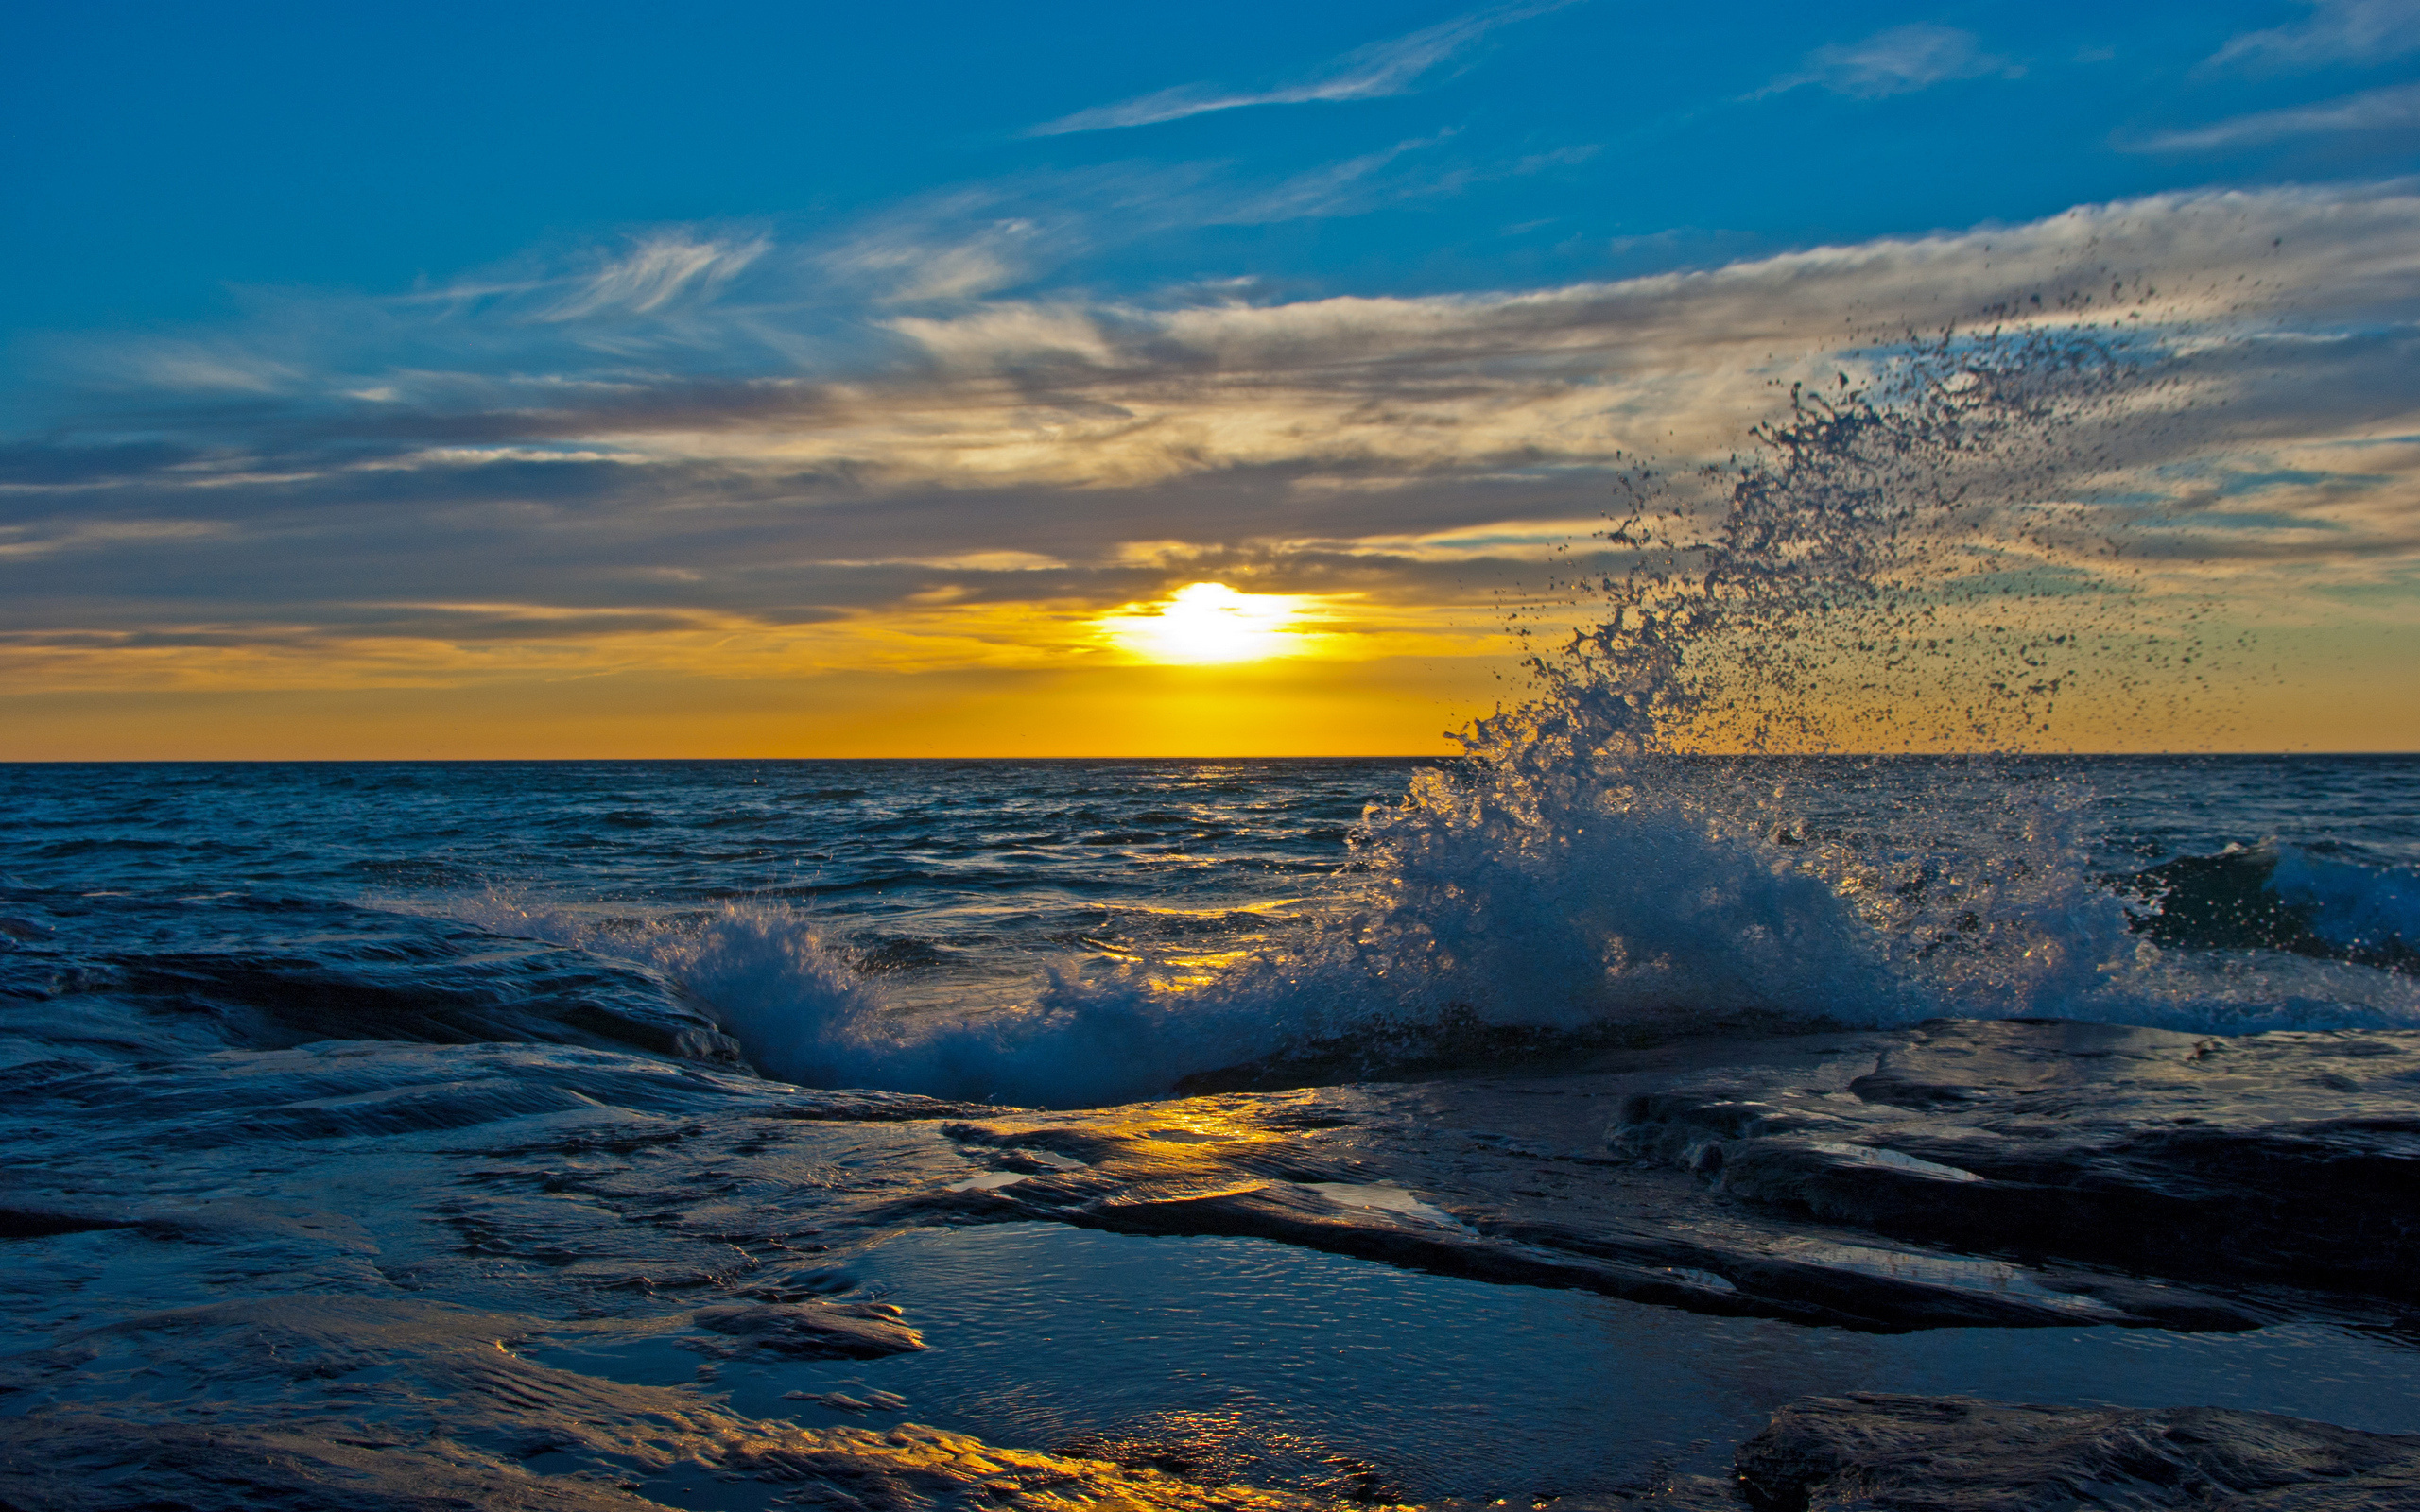 море и волны фото в хорошем качестве наверняка, они поделятся